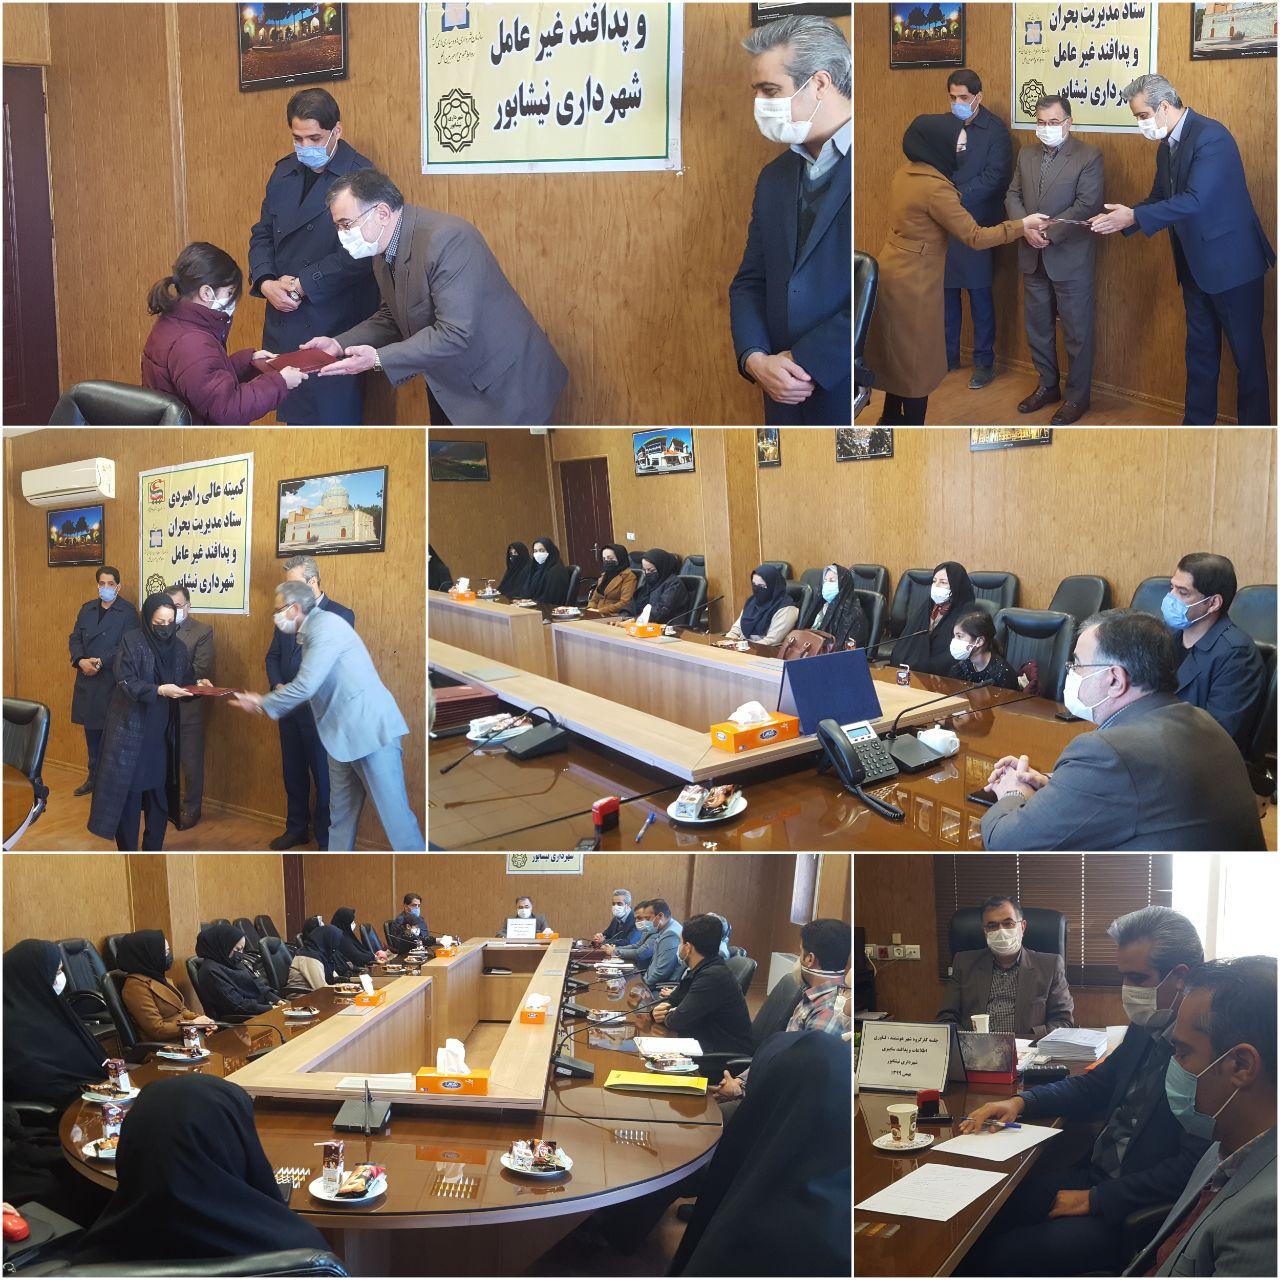 برگزیدگان مسابقات فرهنگی شهرداری که به مناسبت هفته پدافند غیر عامل برگزار گردید